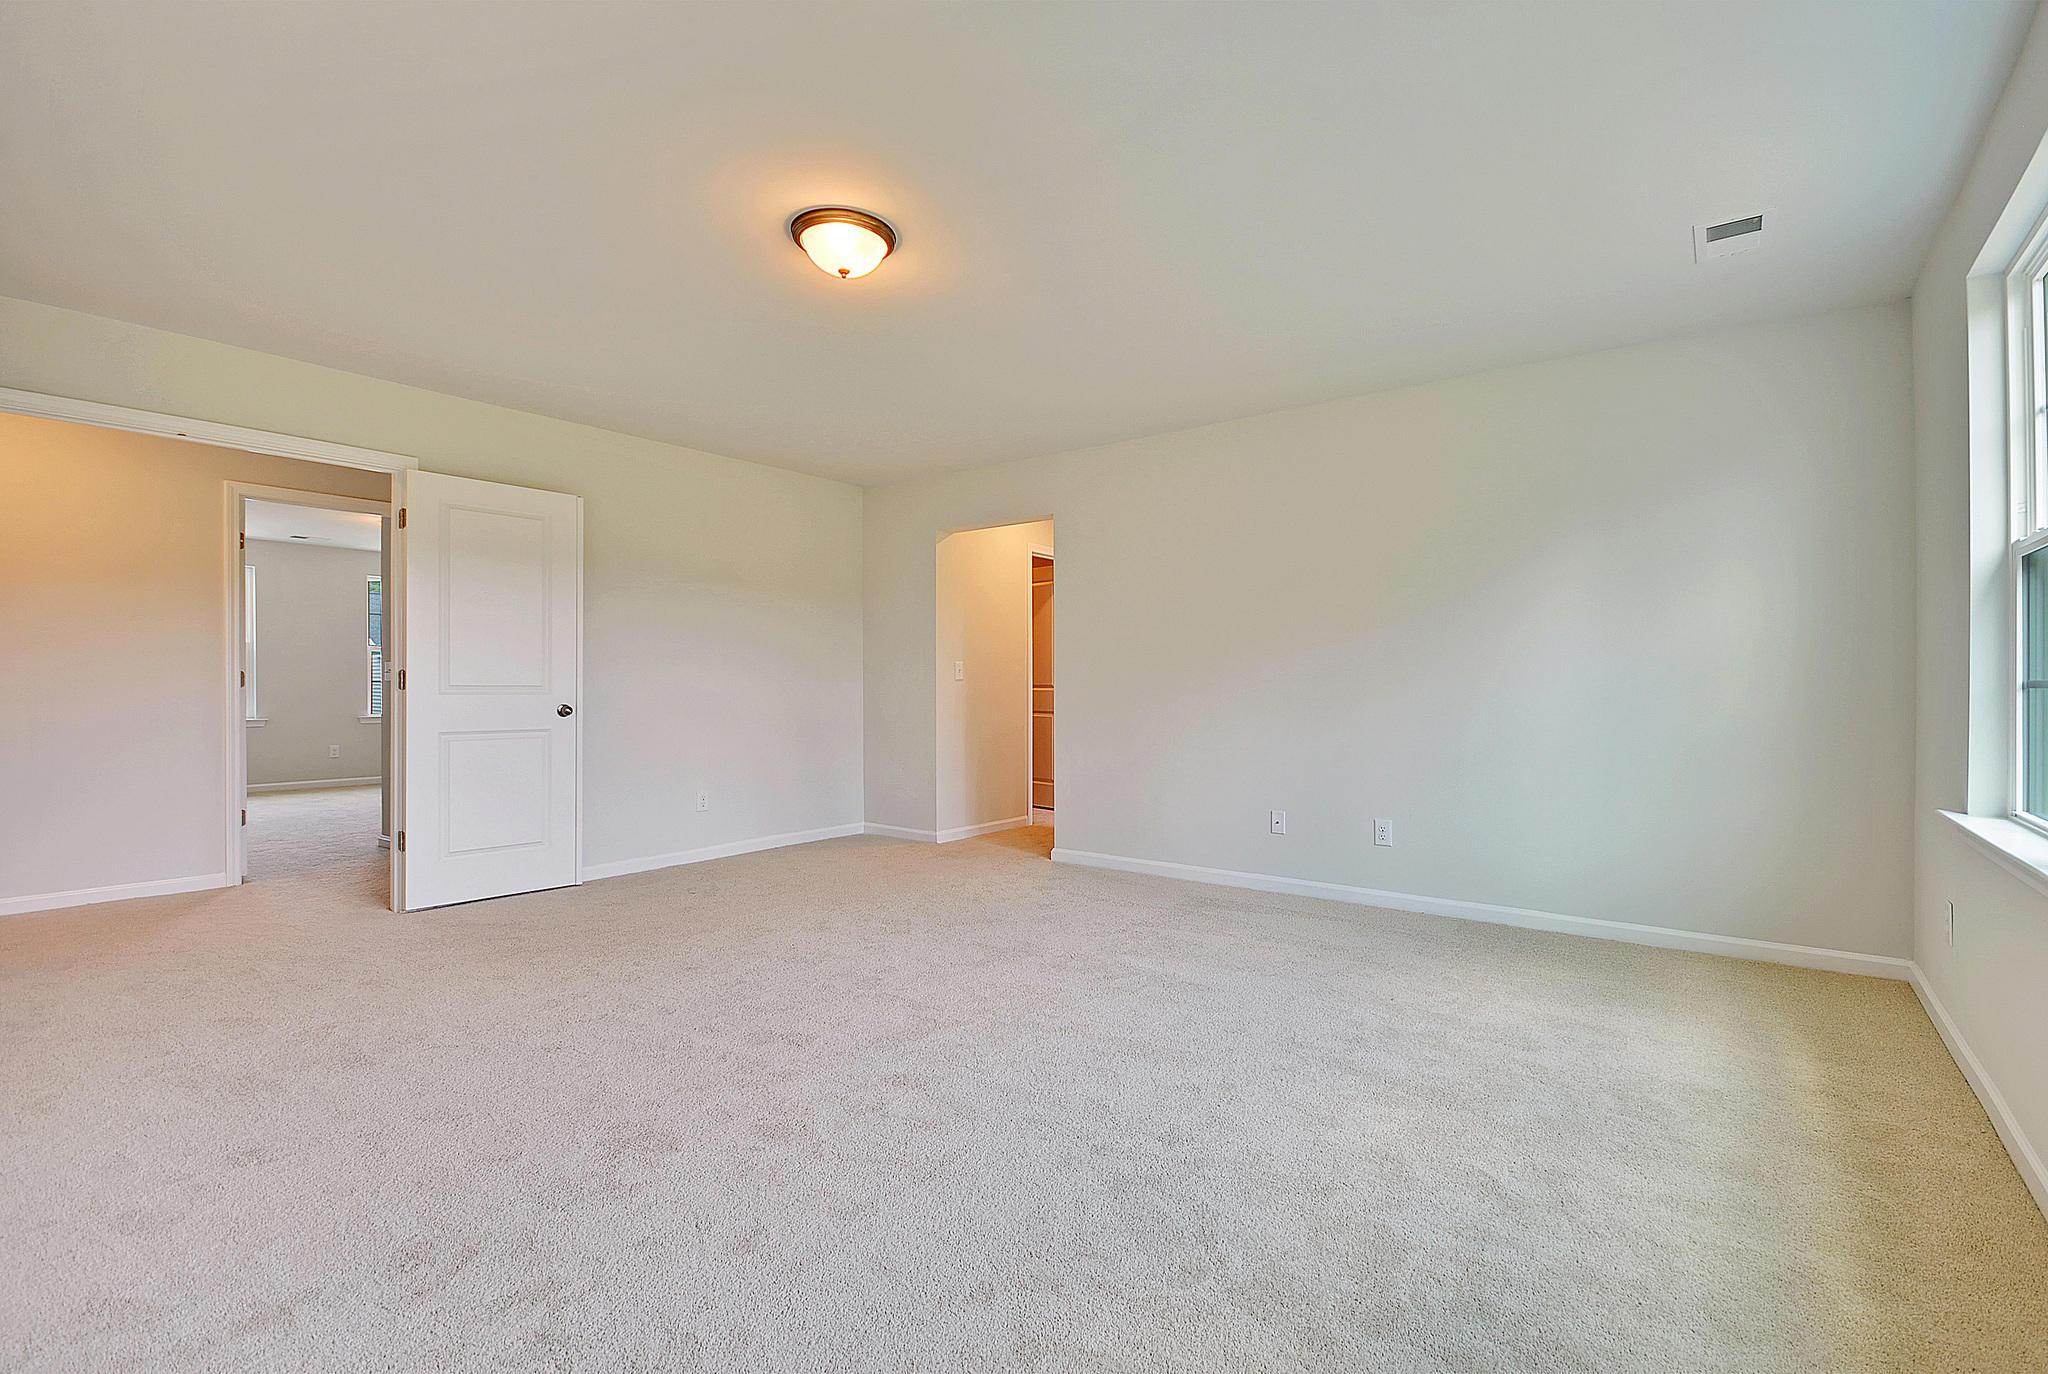 Park West Homes For Sale - 3049 Caspian, Mount Pleasant, SC - 14